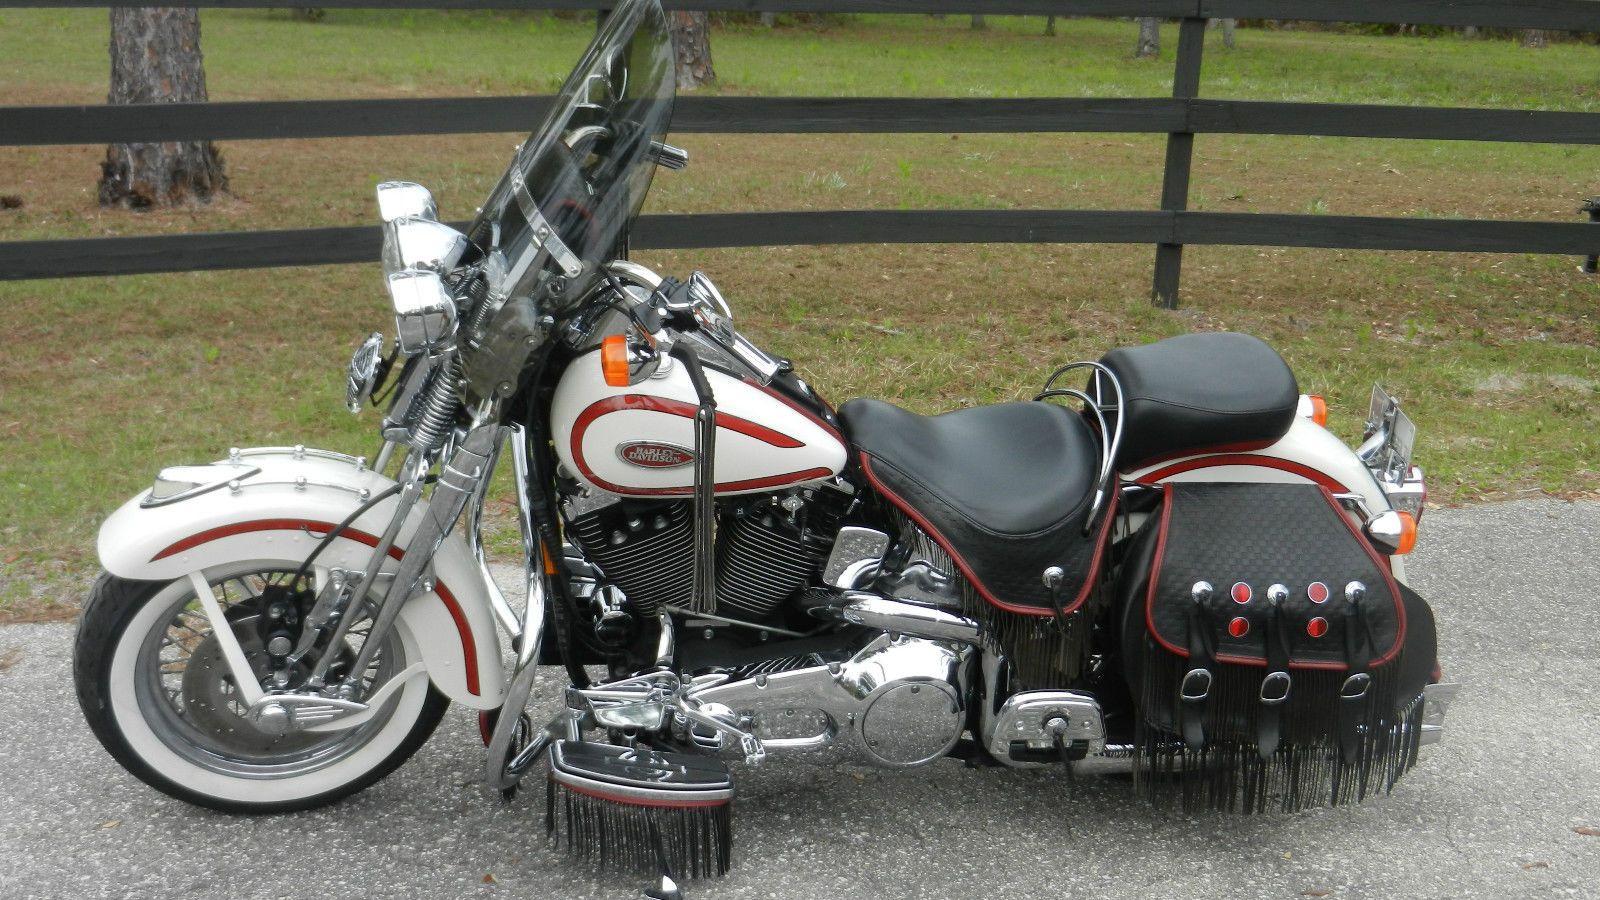 Harley Davidson Softail 1997 Harley Davidson Heritage Springer Softail Flsts Harley Davidson Bikes Harley Davidson History Harley Bobber [ 900 x 1600 Pixel ]